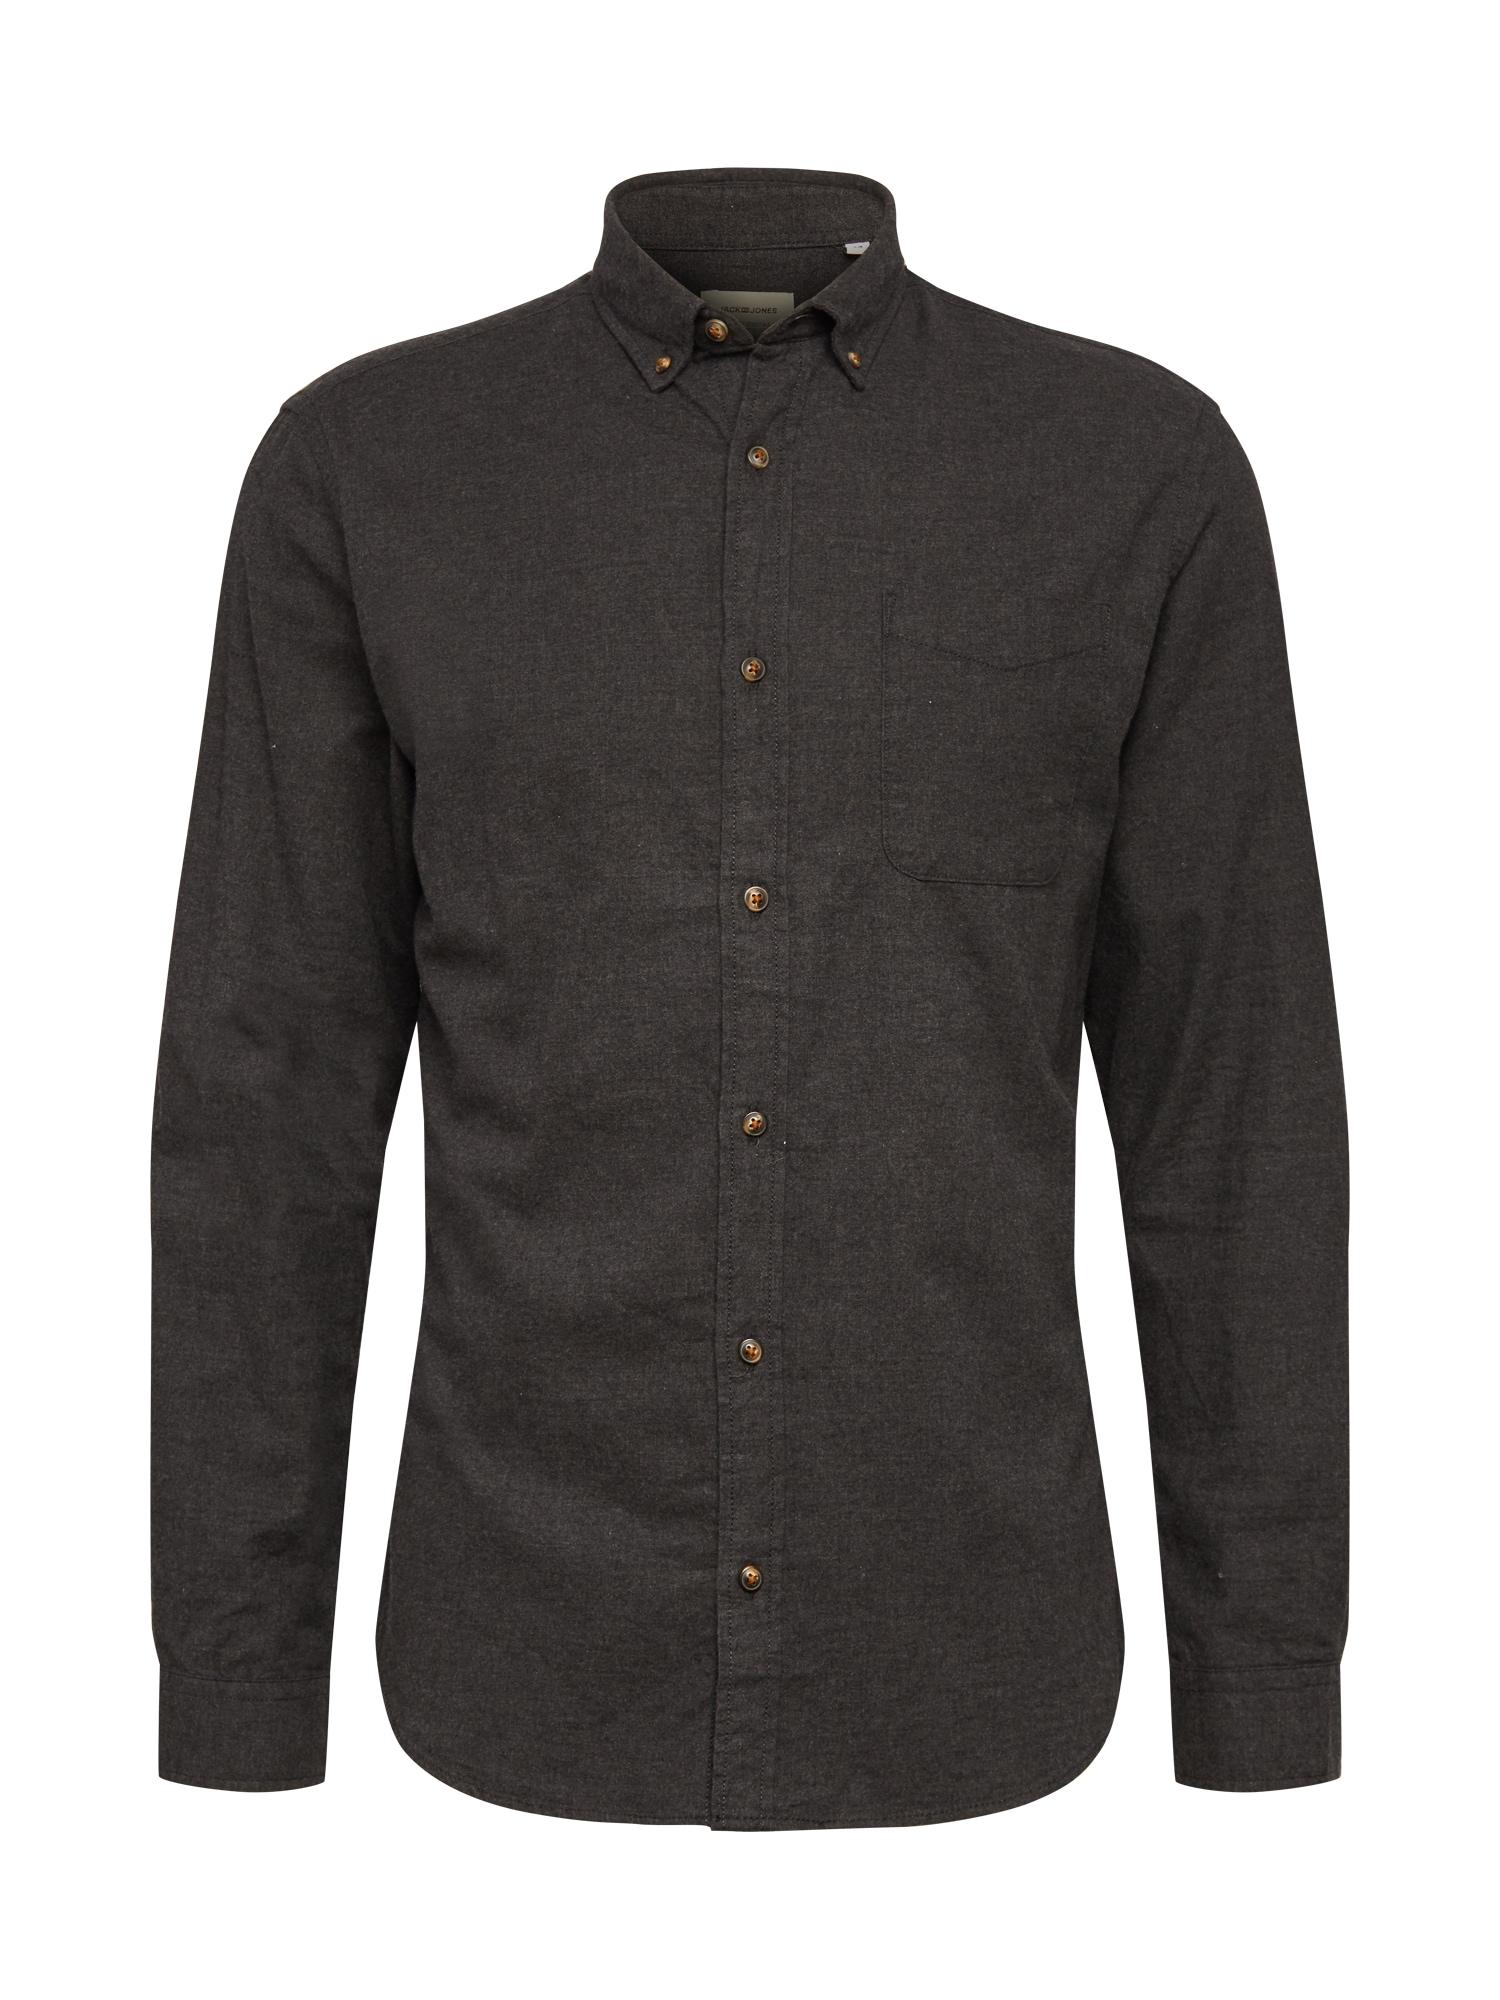 JACK & JONES Marškiniai tamsiai pilka